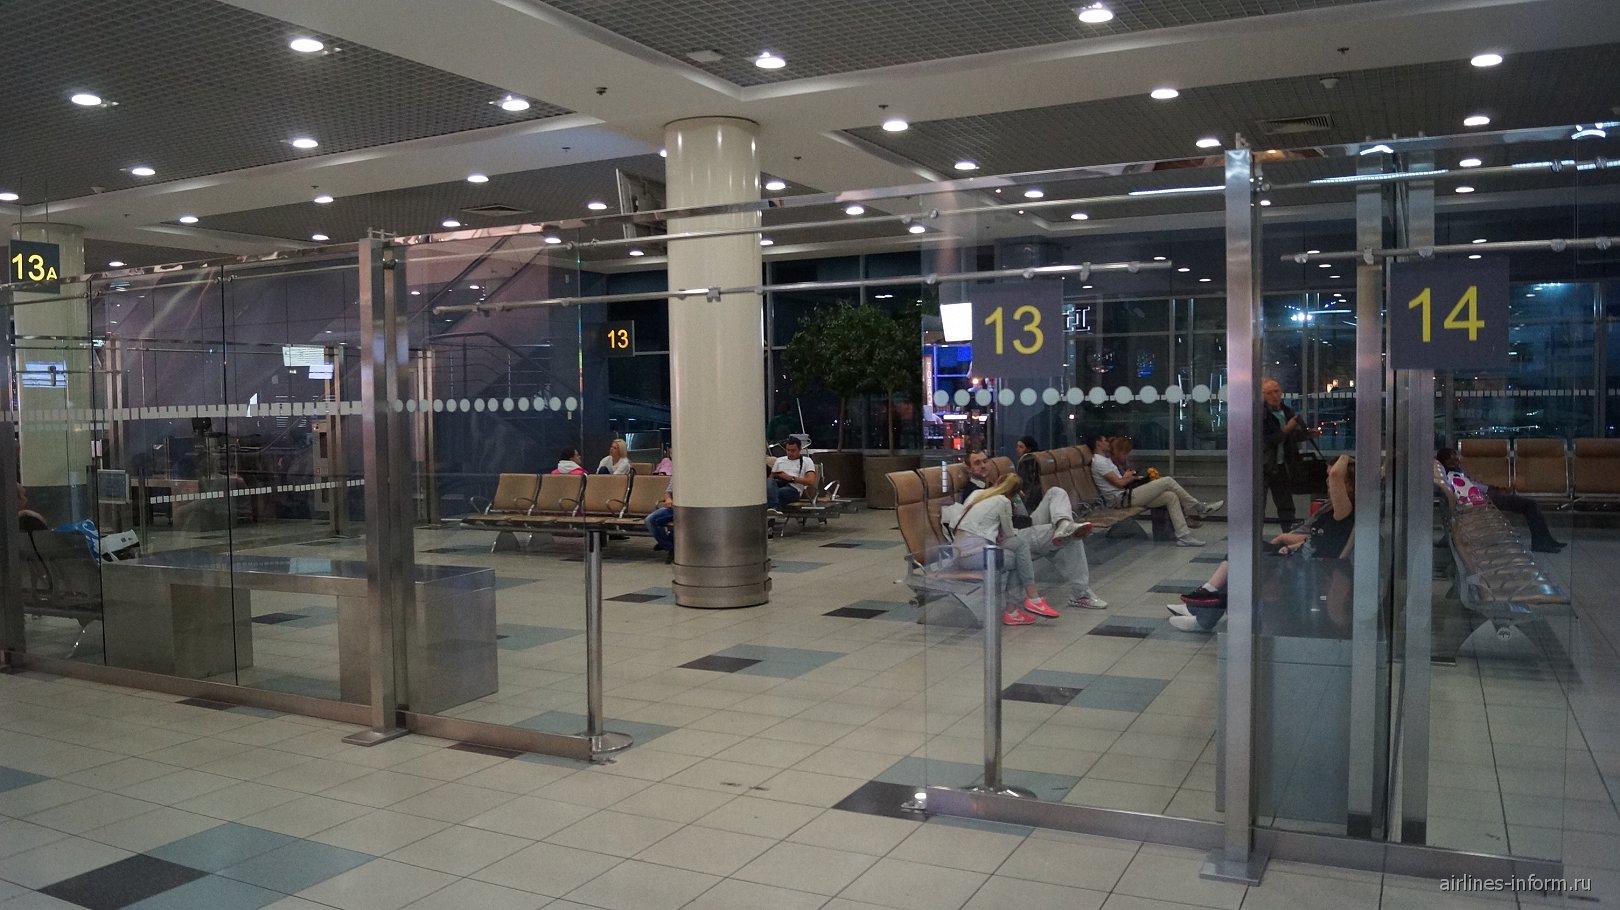 Зал ожидания перед выходом на посадку в чистой зоне международных вылетов аэропорта Домодедово